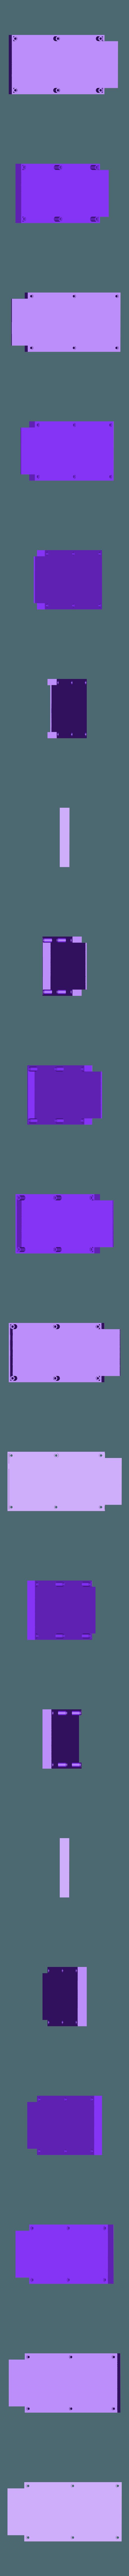 Final_with_magnets_v2.stl Télécharger fichier STL gratuit Porte-papier de verre • Design pour imprimante 3D, christinewhybrow